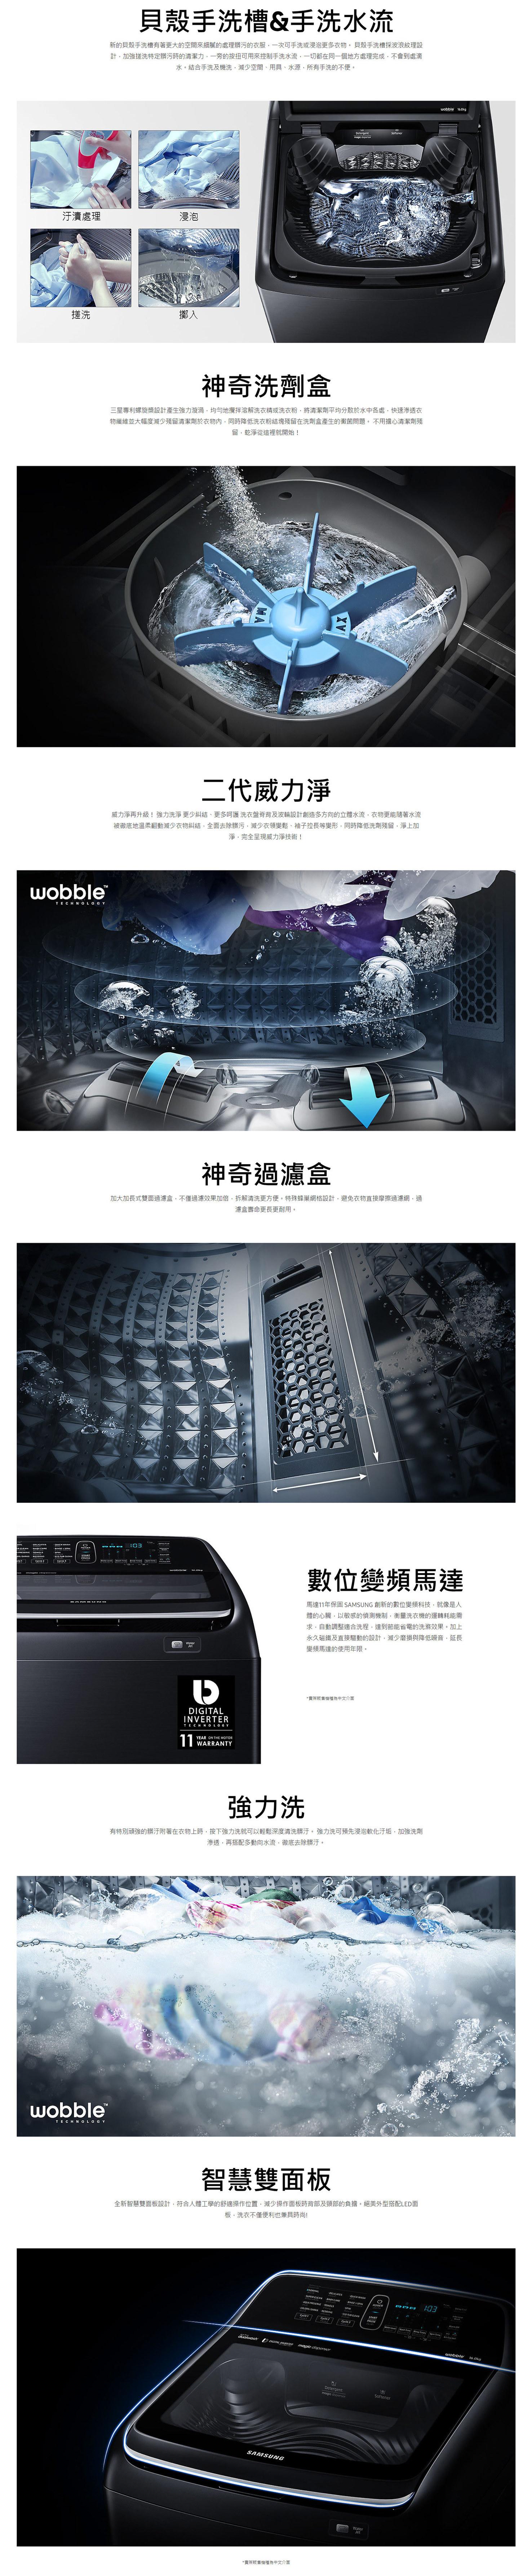 Samsung 三星 WA16N6780CV 洗衣機 16kg 奢華黑 雙效手洗 二代威力淨 完售